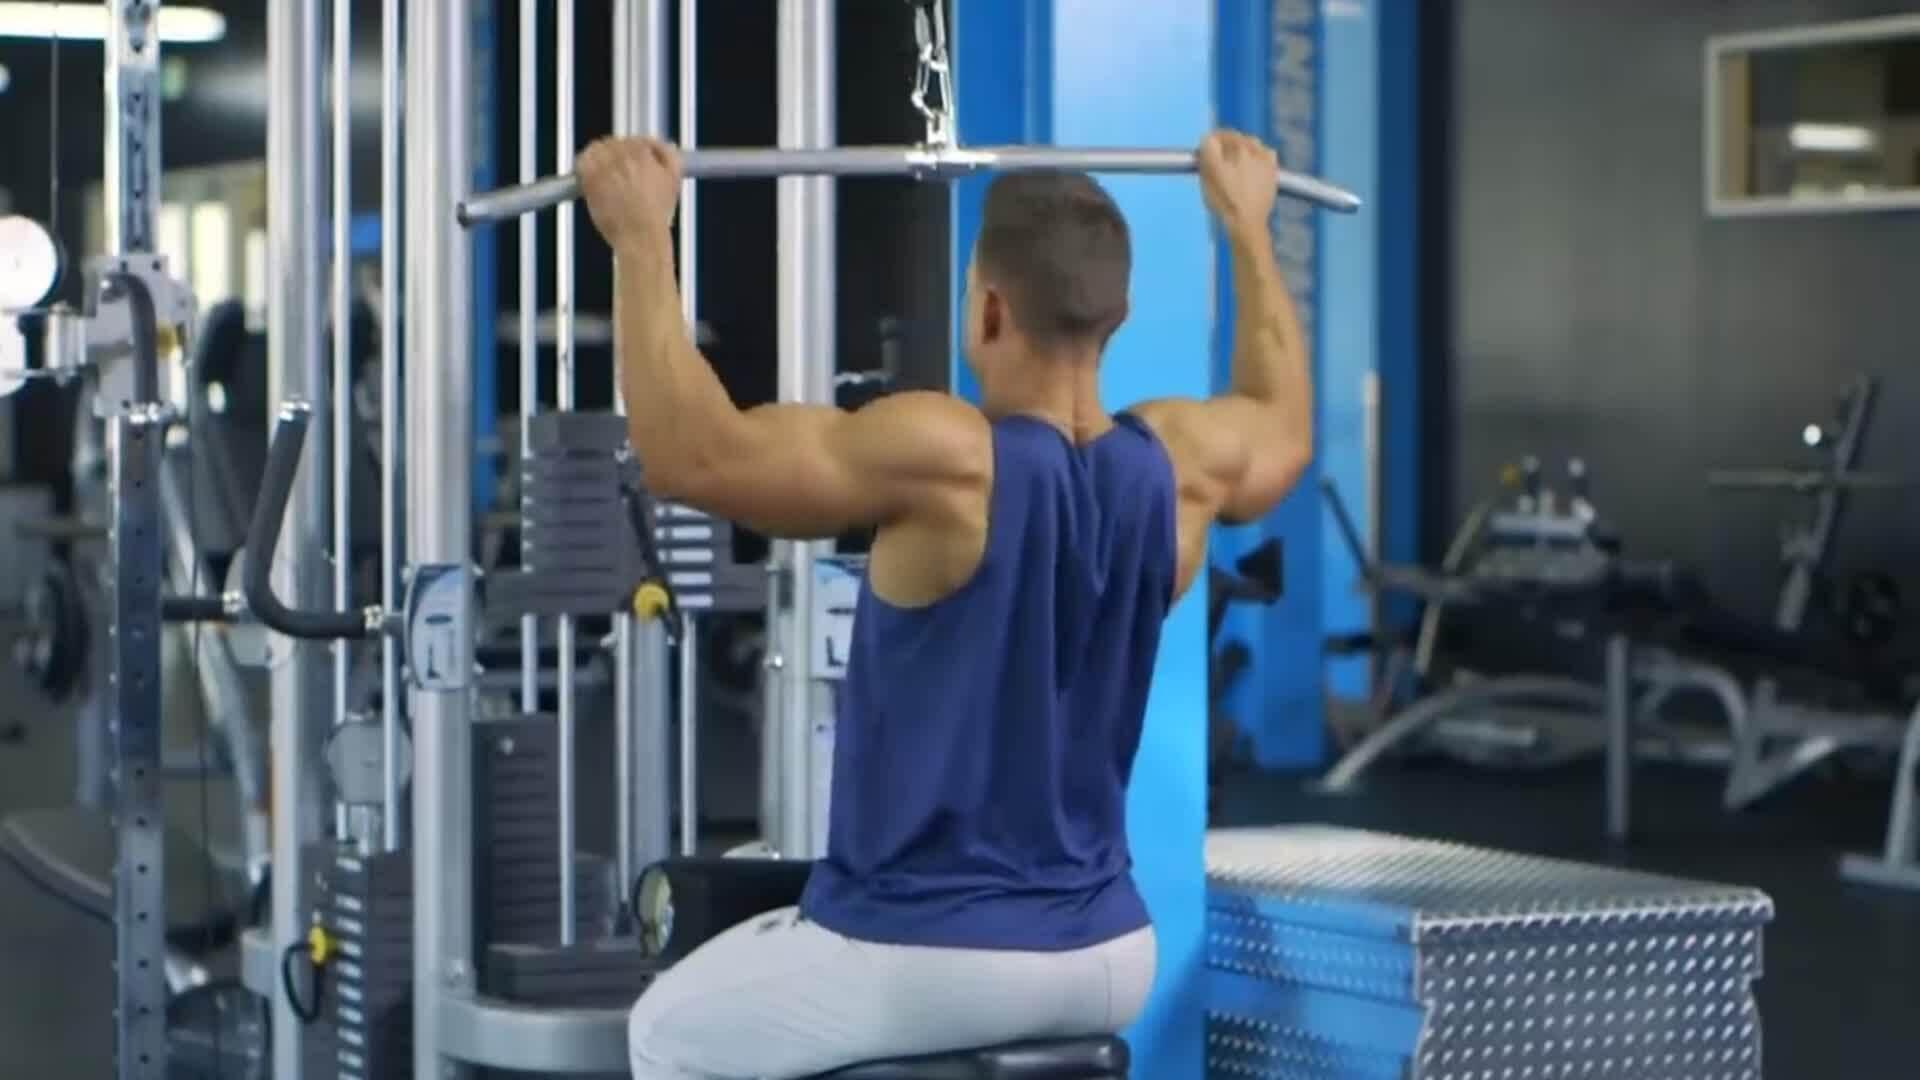 10 bài tập cường độ cao cho cơ lưng cuồn cuộn